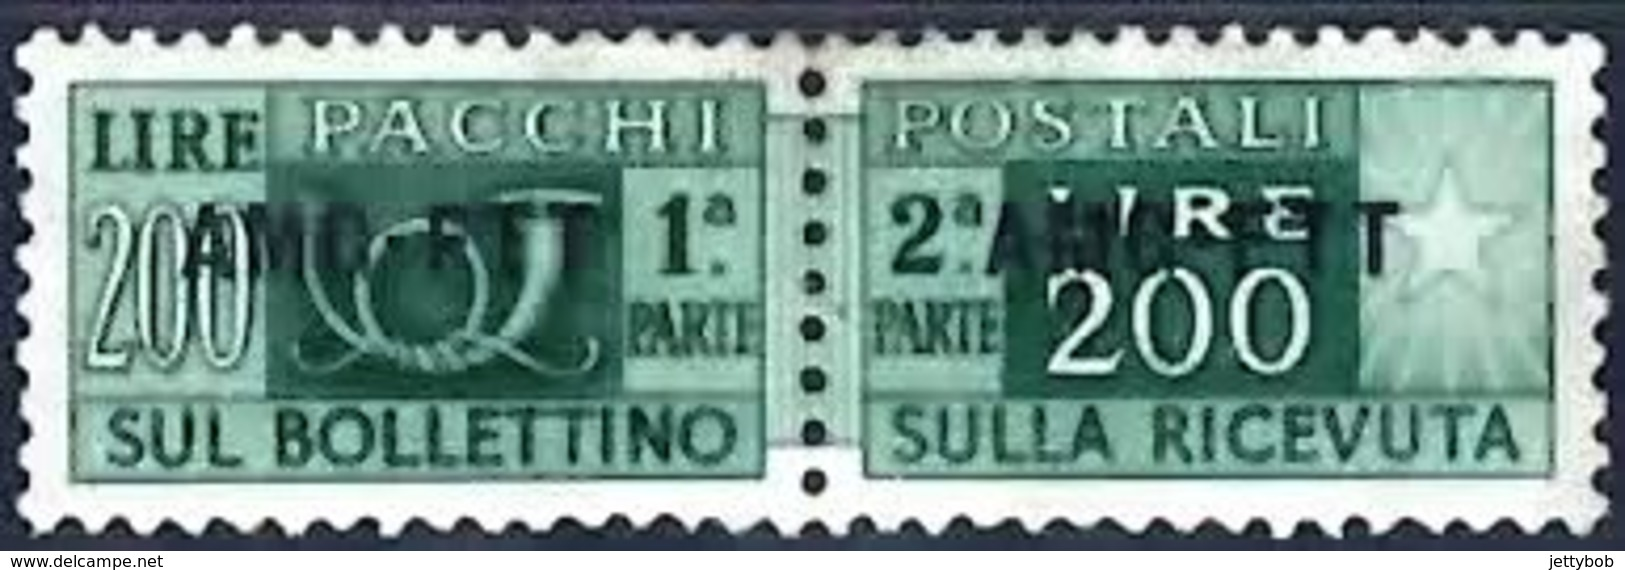 TRIESTE 1949 Parcel Post 200l Mint Pair - 7. Triest